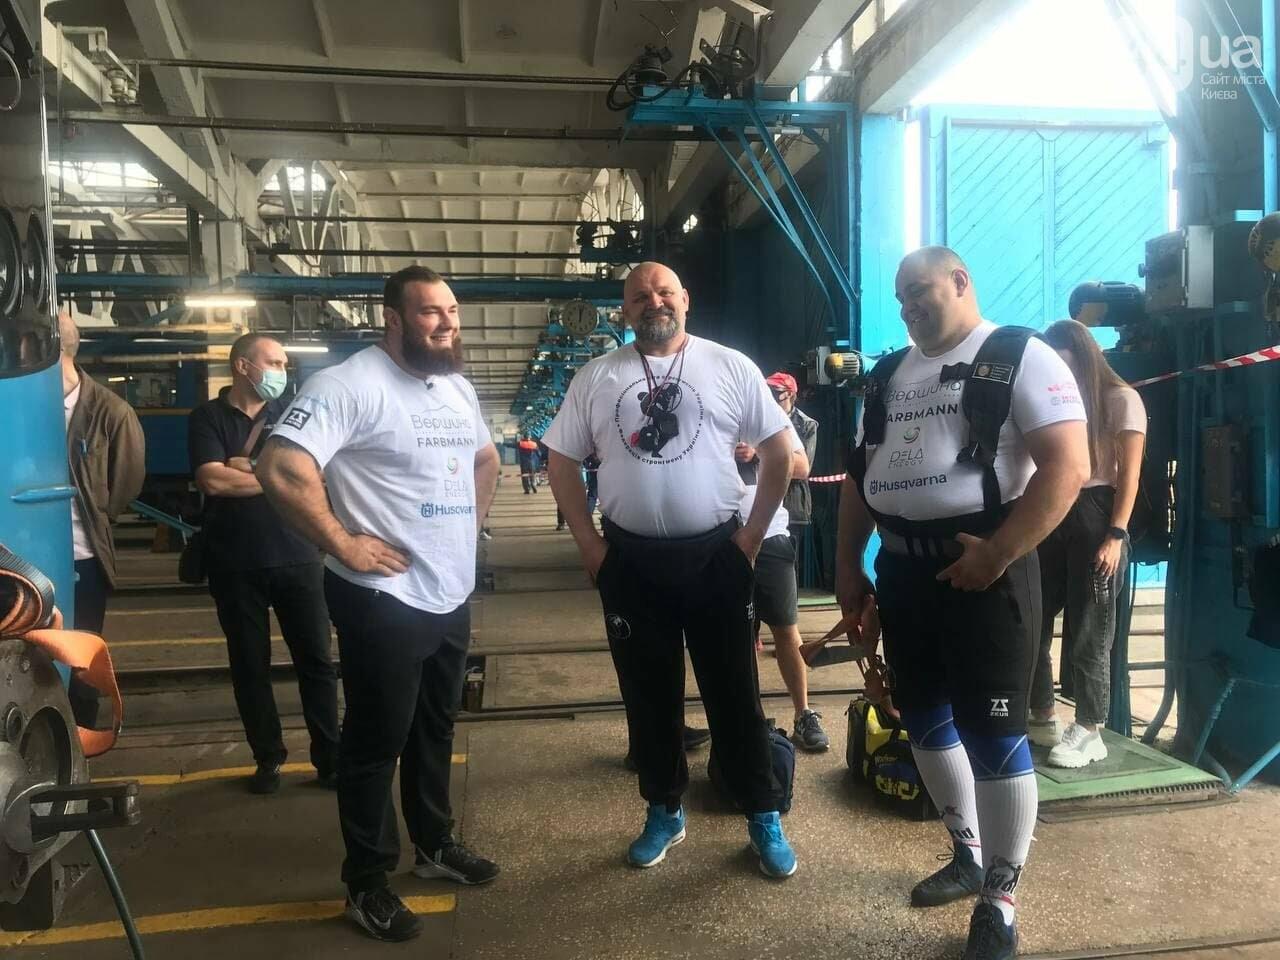 Самые сильные люди Украины Алексей Новиков (справа), Александр Лашин (слева) и Василий Вирастюк, 44.ua